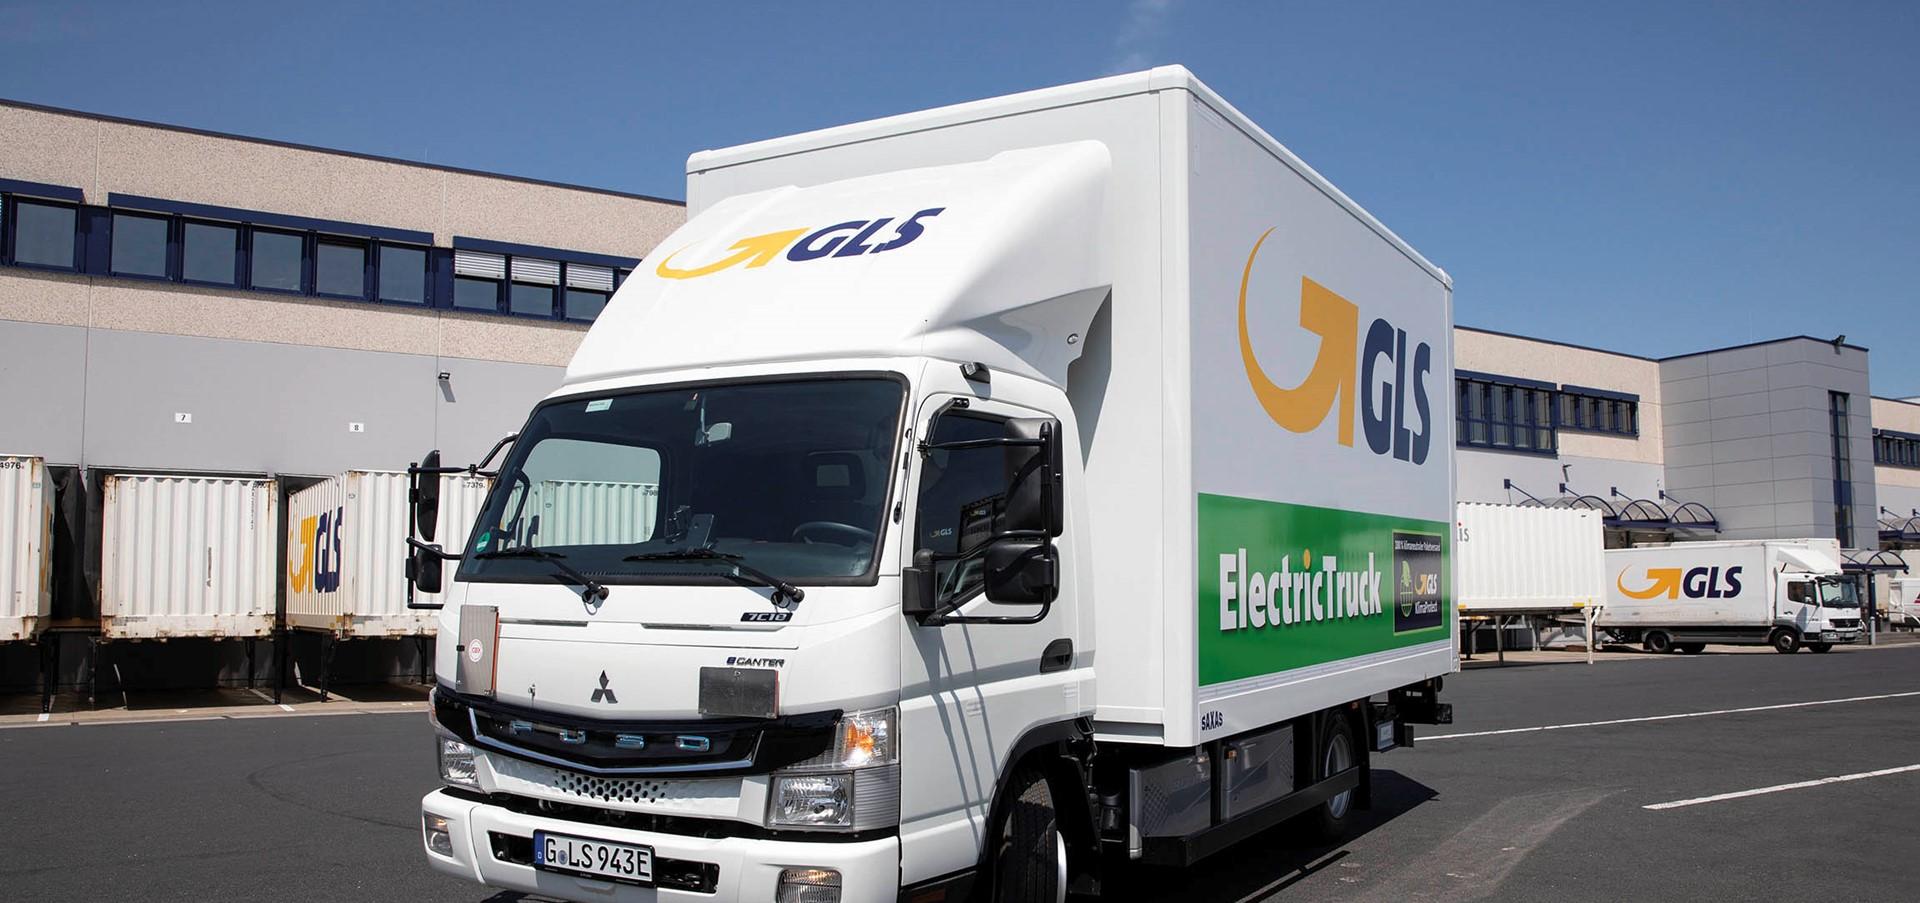 GLS setzt eLkw als City-Shuttle ein